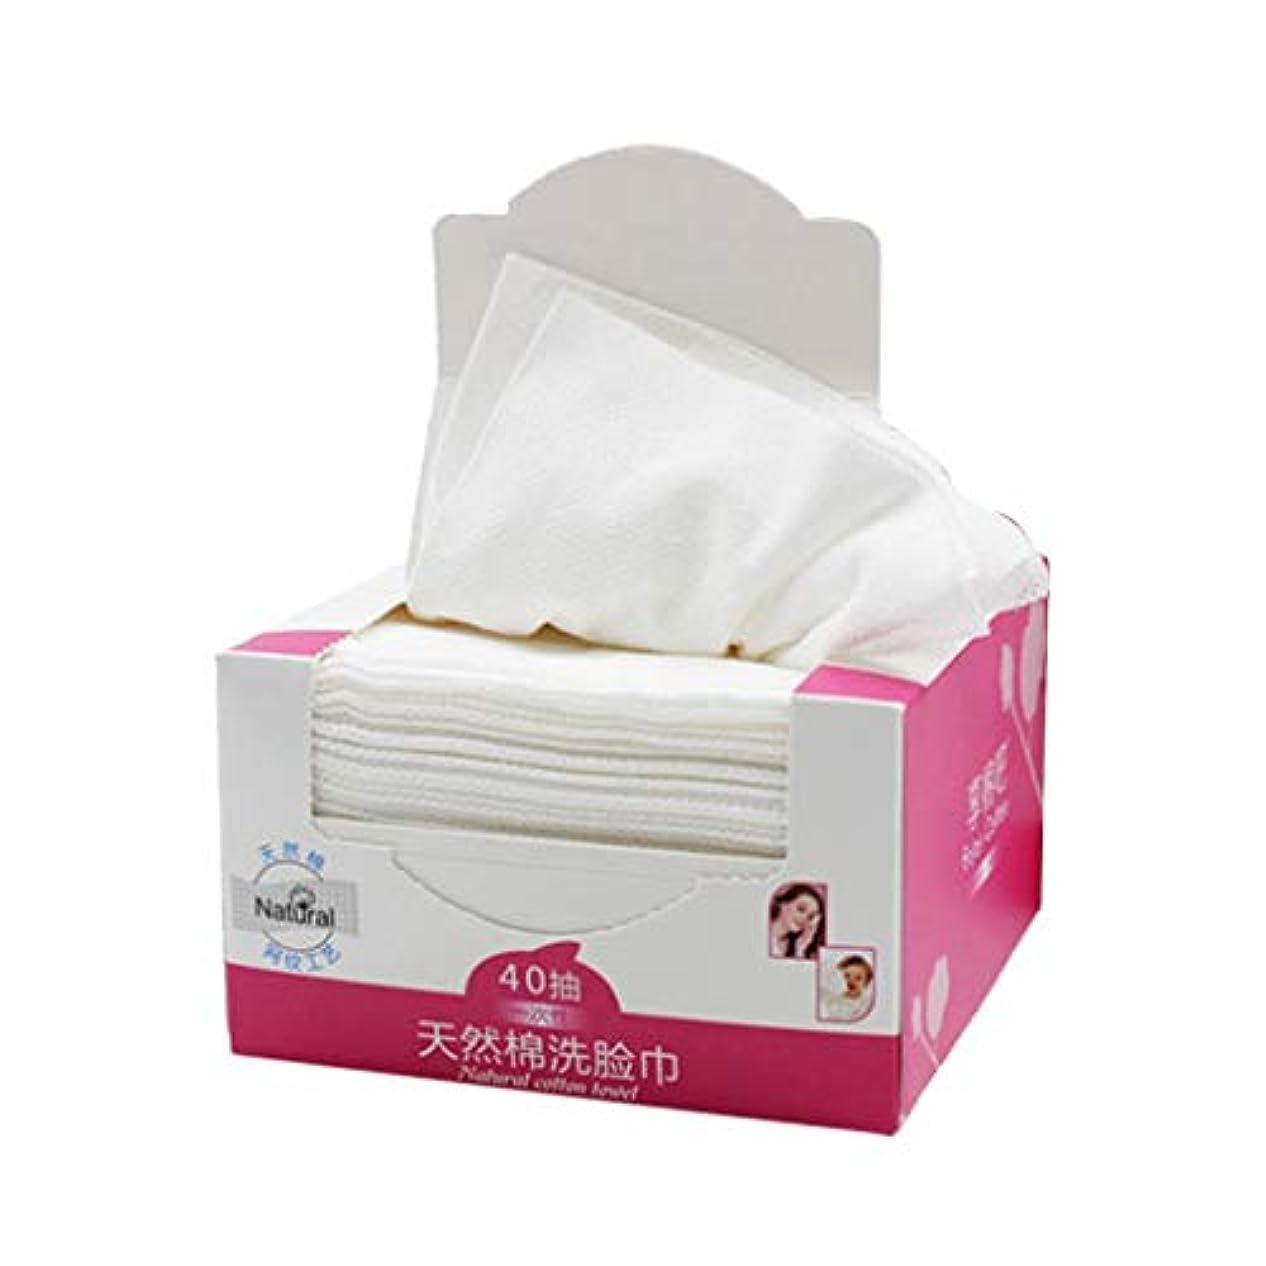 情緒的切り離すアノイナチュラルコットンウォッシュタオル、レストランコーヒーハウスバー拭き取り洗顔タオル - 子供の女の子の毎日のパーソナルケア製品 (Color : Netted, Size : 20*24cm)